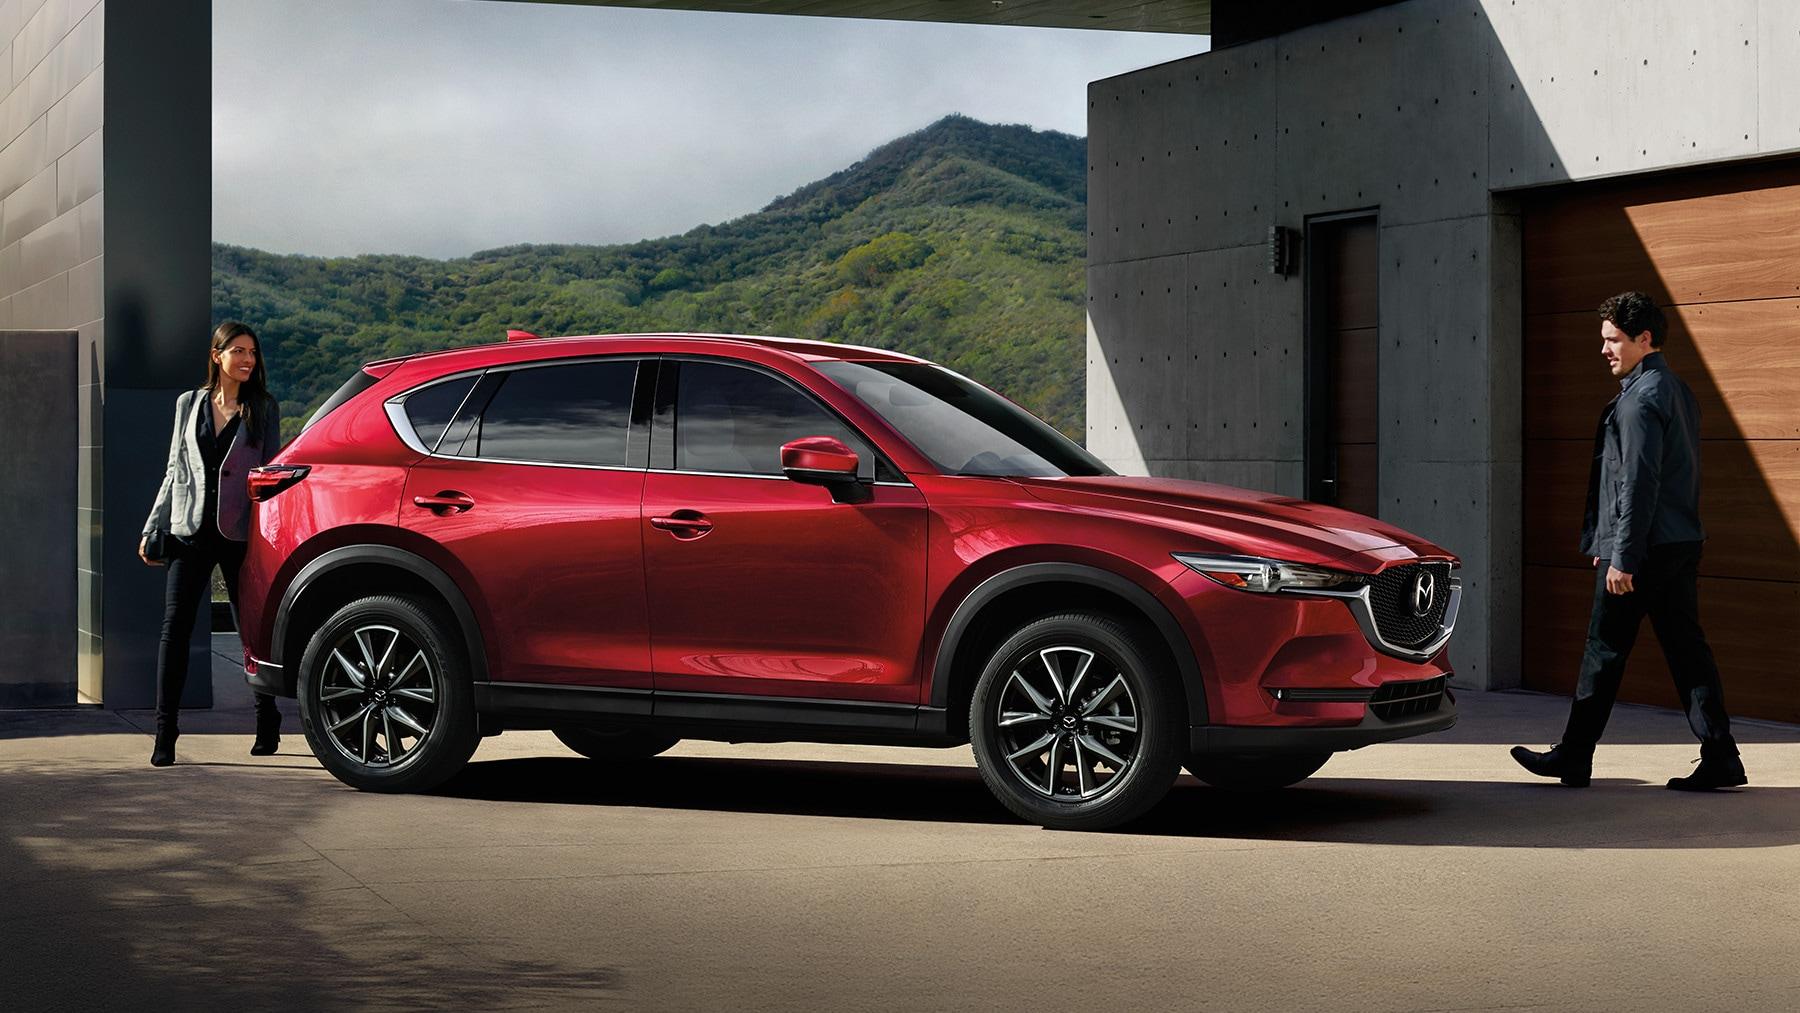 2018 Mazda CX-5 Preview East Stroudsburg PA | Ray Price Mazda